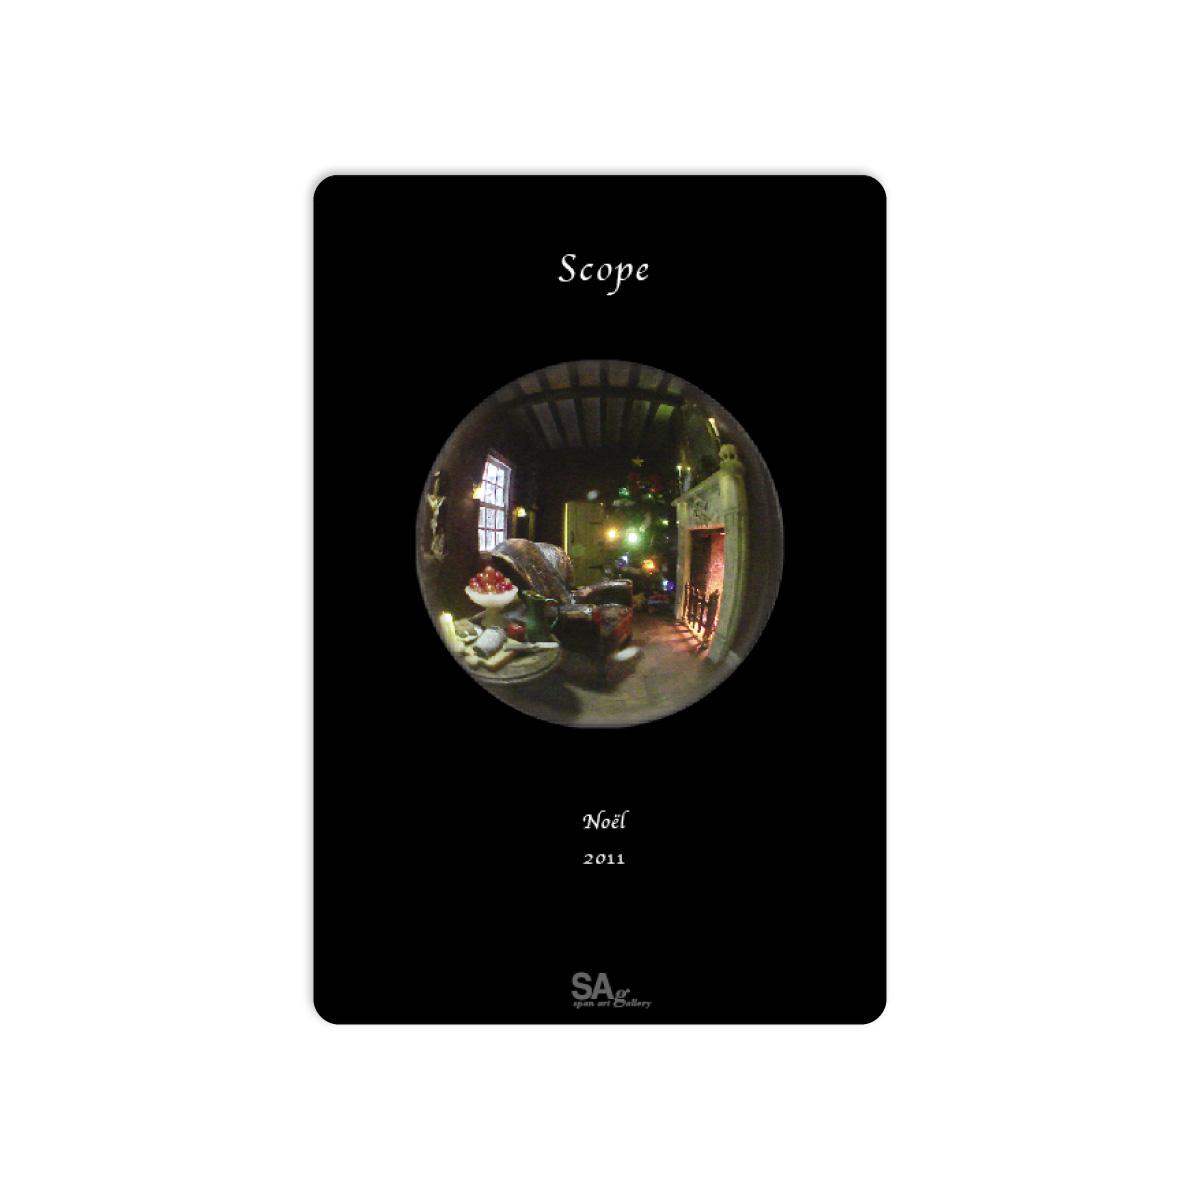 桑原弘明 Scope ポストカードセット2011